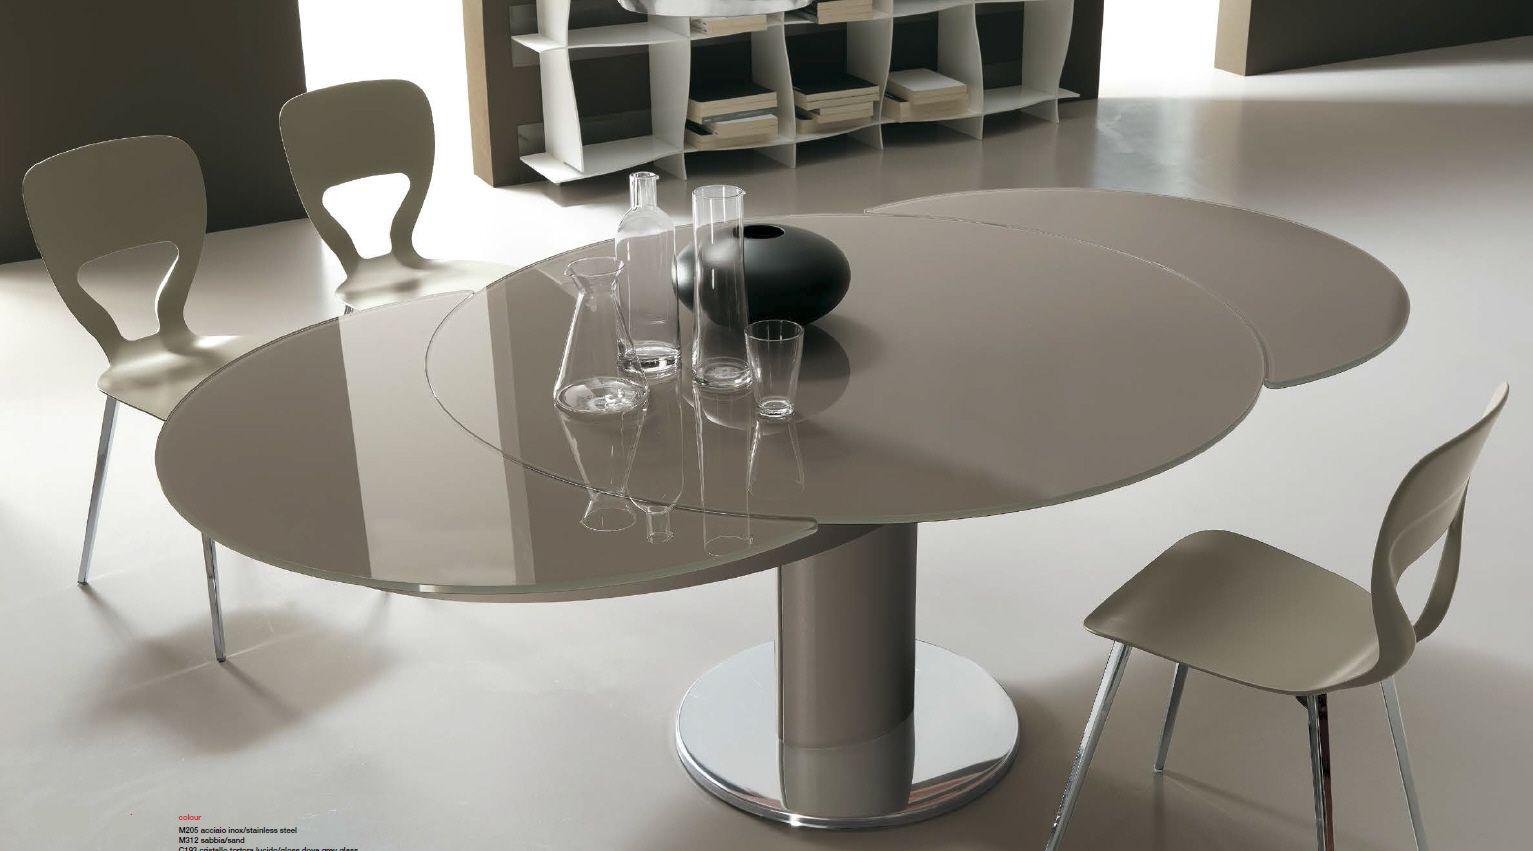 W Mega Włoskie nowoczesne szklane okrągłe stoły rozkładane ROT 130-210 cm CW31